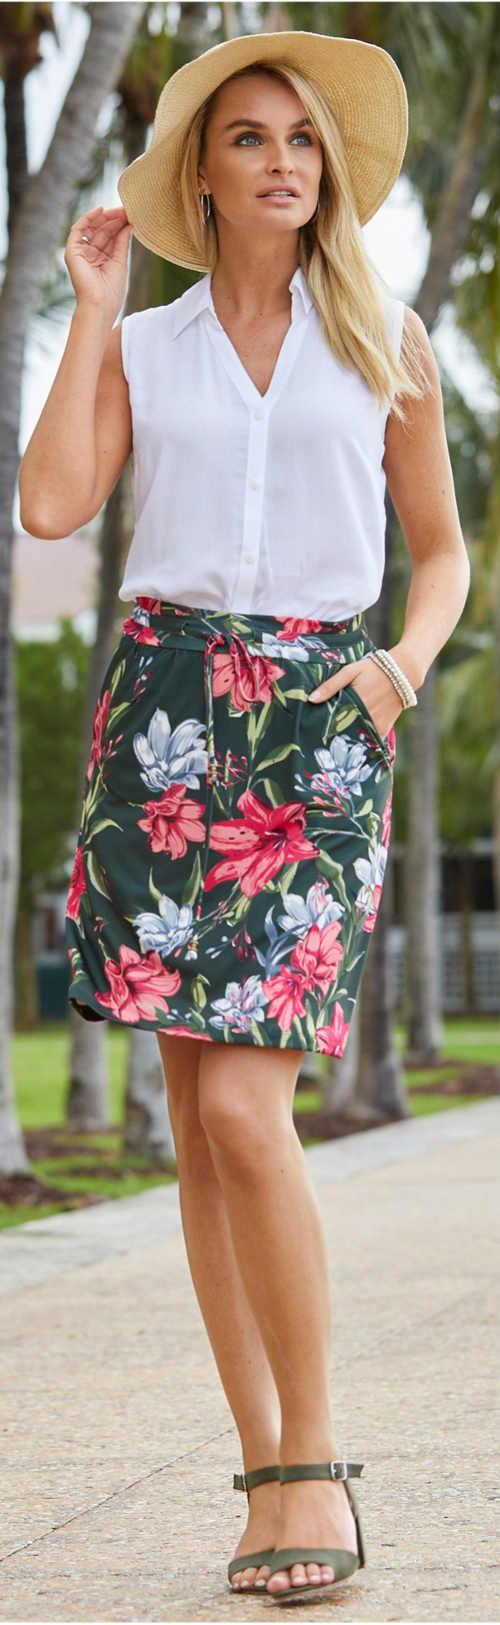 Květovaná sukně na léto sportovního střihu